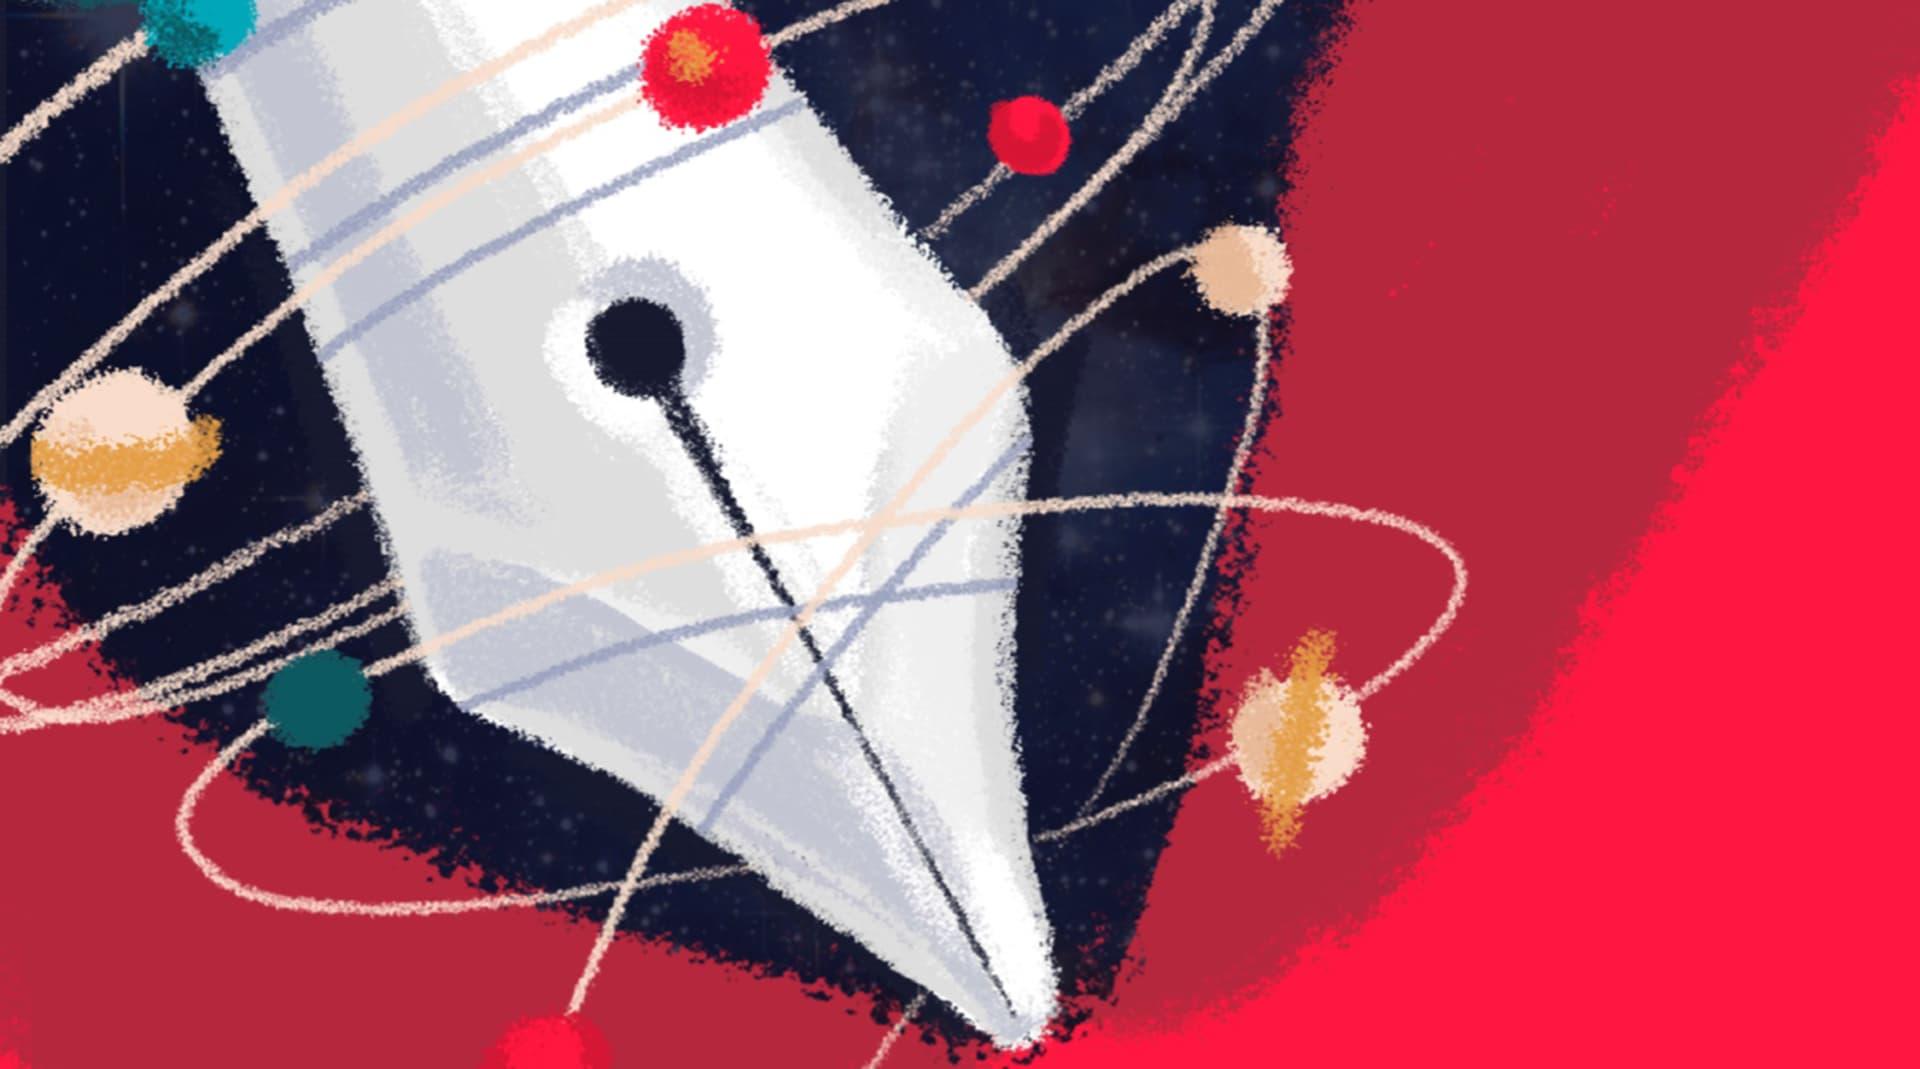 Космический чек-лист для копирайтеров: как писать и где публиковать дорогие тексты